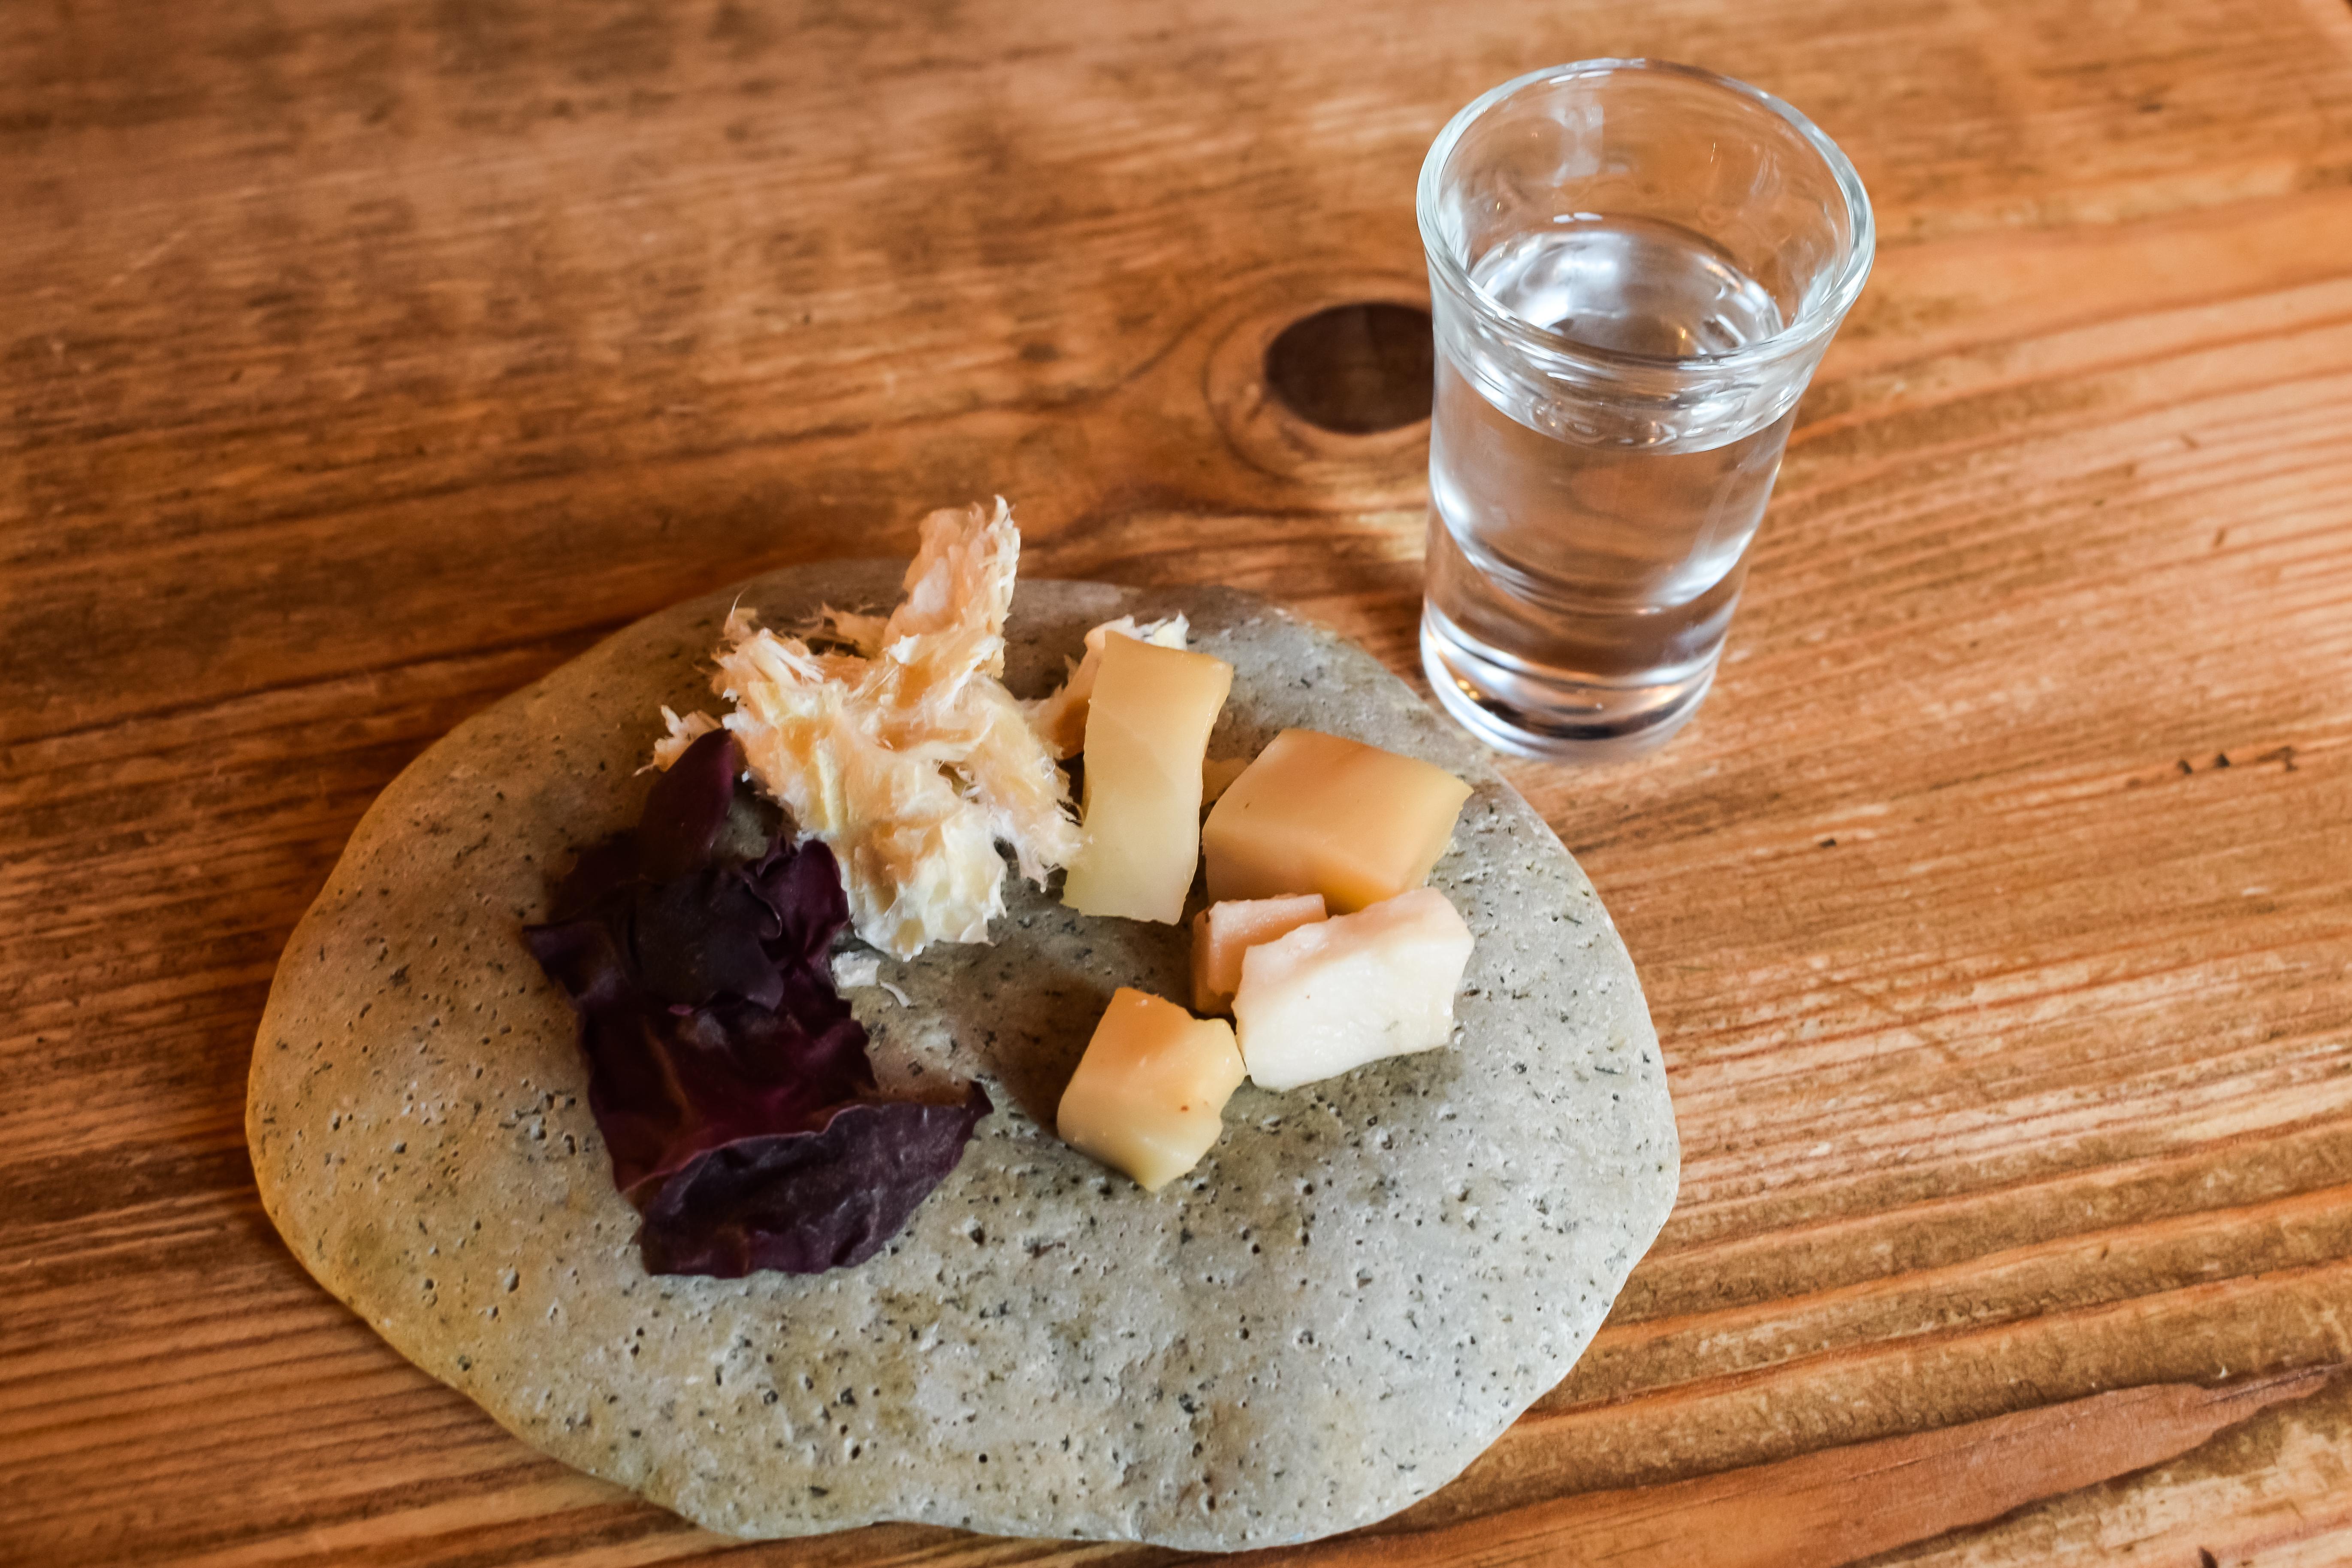 <p><strong>H&aacute;karl</strong></p>  <p>Традиционно исландско ястие приготвено от изсушеното месо на исландска акула. Рибата се суши между 3-5 месеца, като този процес е необходим за неутрализиране на високите нива на урея и триметиламинов оксид в нея. Гренландските акули нямат пикочни пътища и отпадъците и токсините се филтрират през кожата и плътта. Няколко хапки сурова риба могат да причинят чревен дистрес, неврологични ефекти, конвулсии и дори смърт.</p>